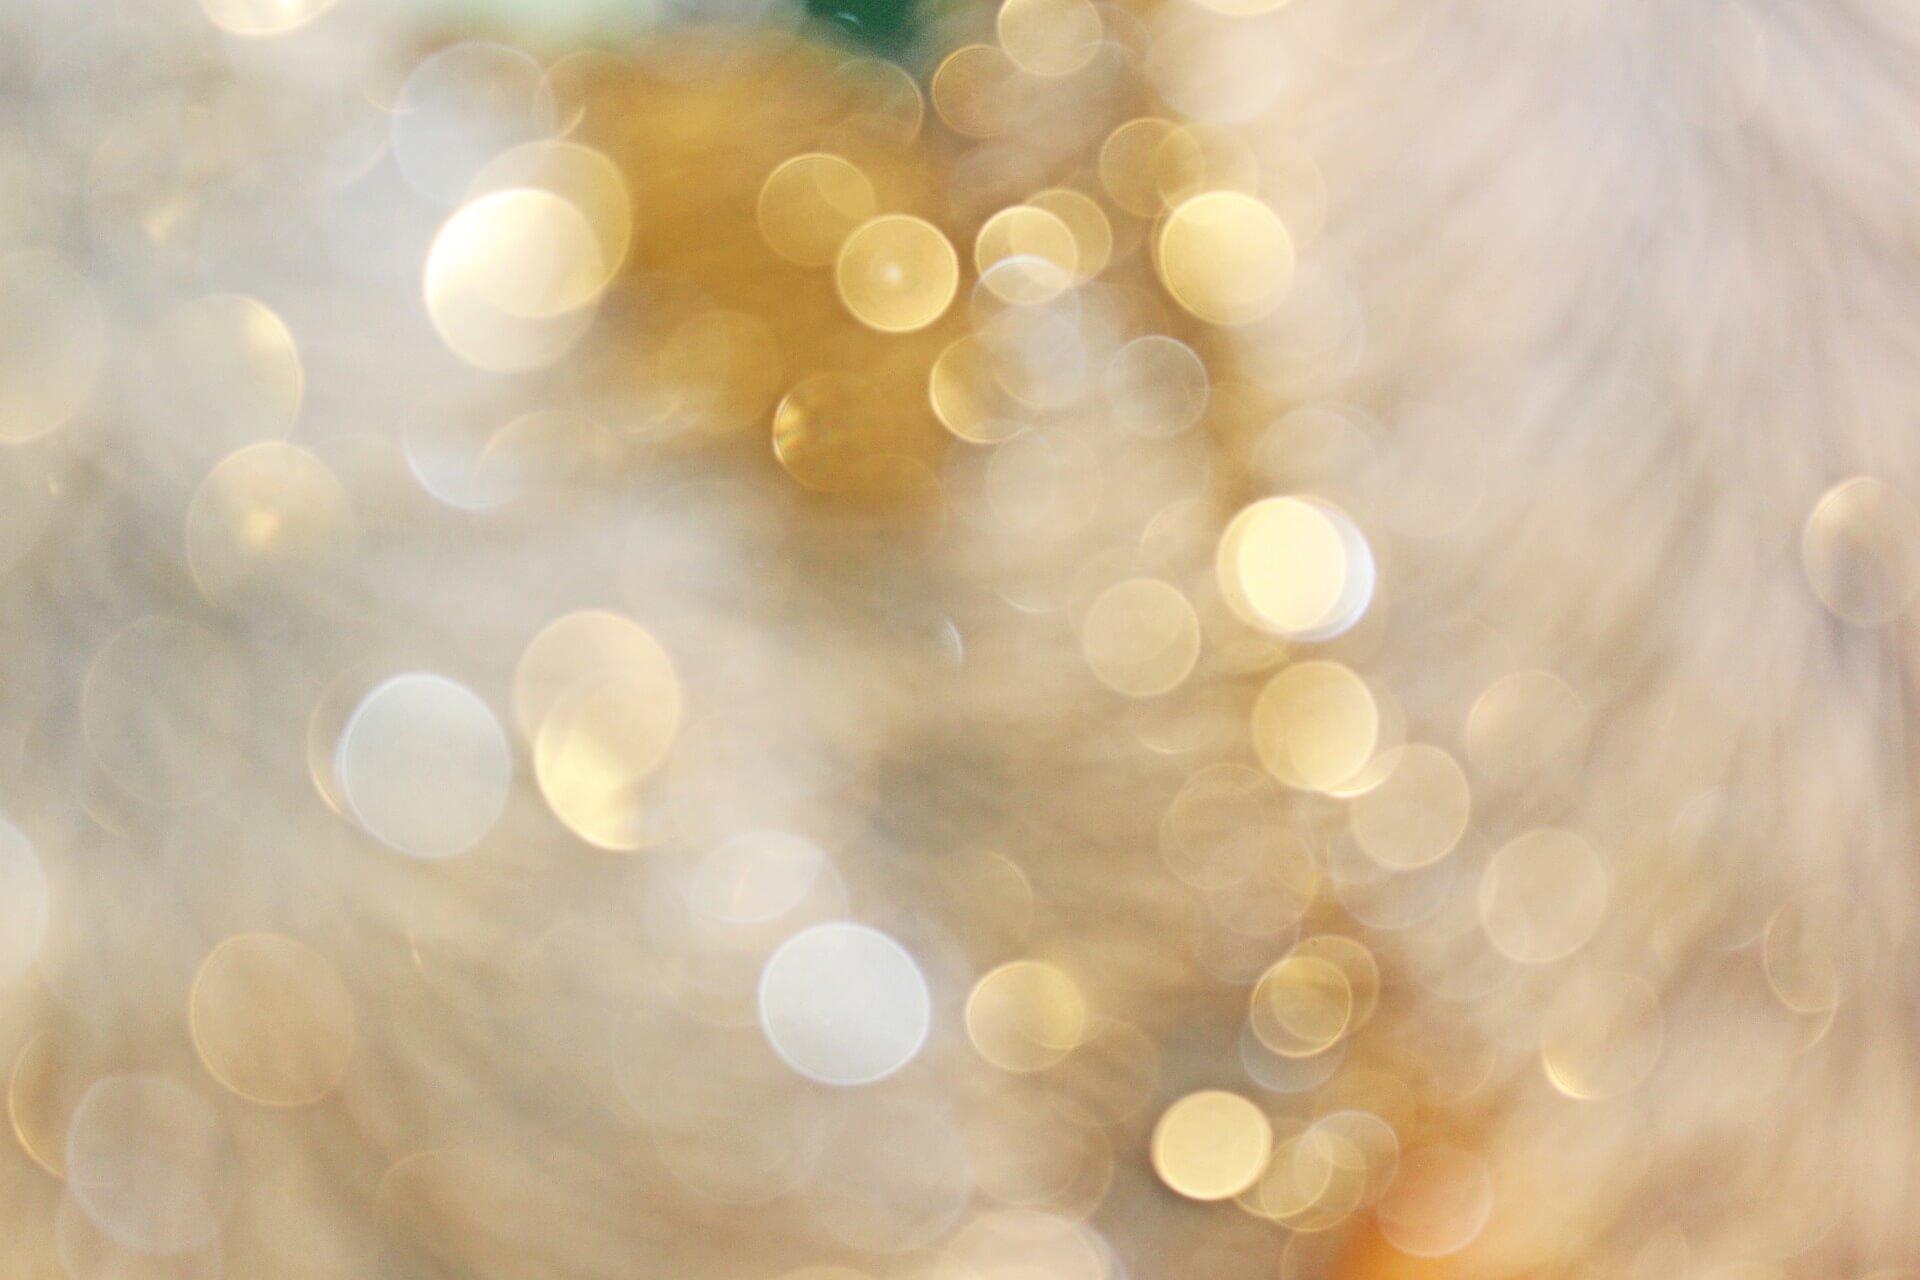 erfahrung-fehlgeburt-bild-von-kerstin-riemer-auf-pixabay-blur-3839662_1920